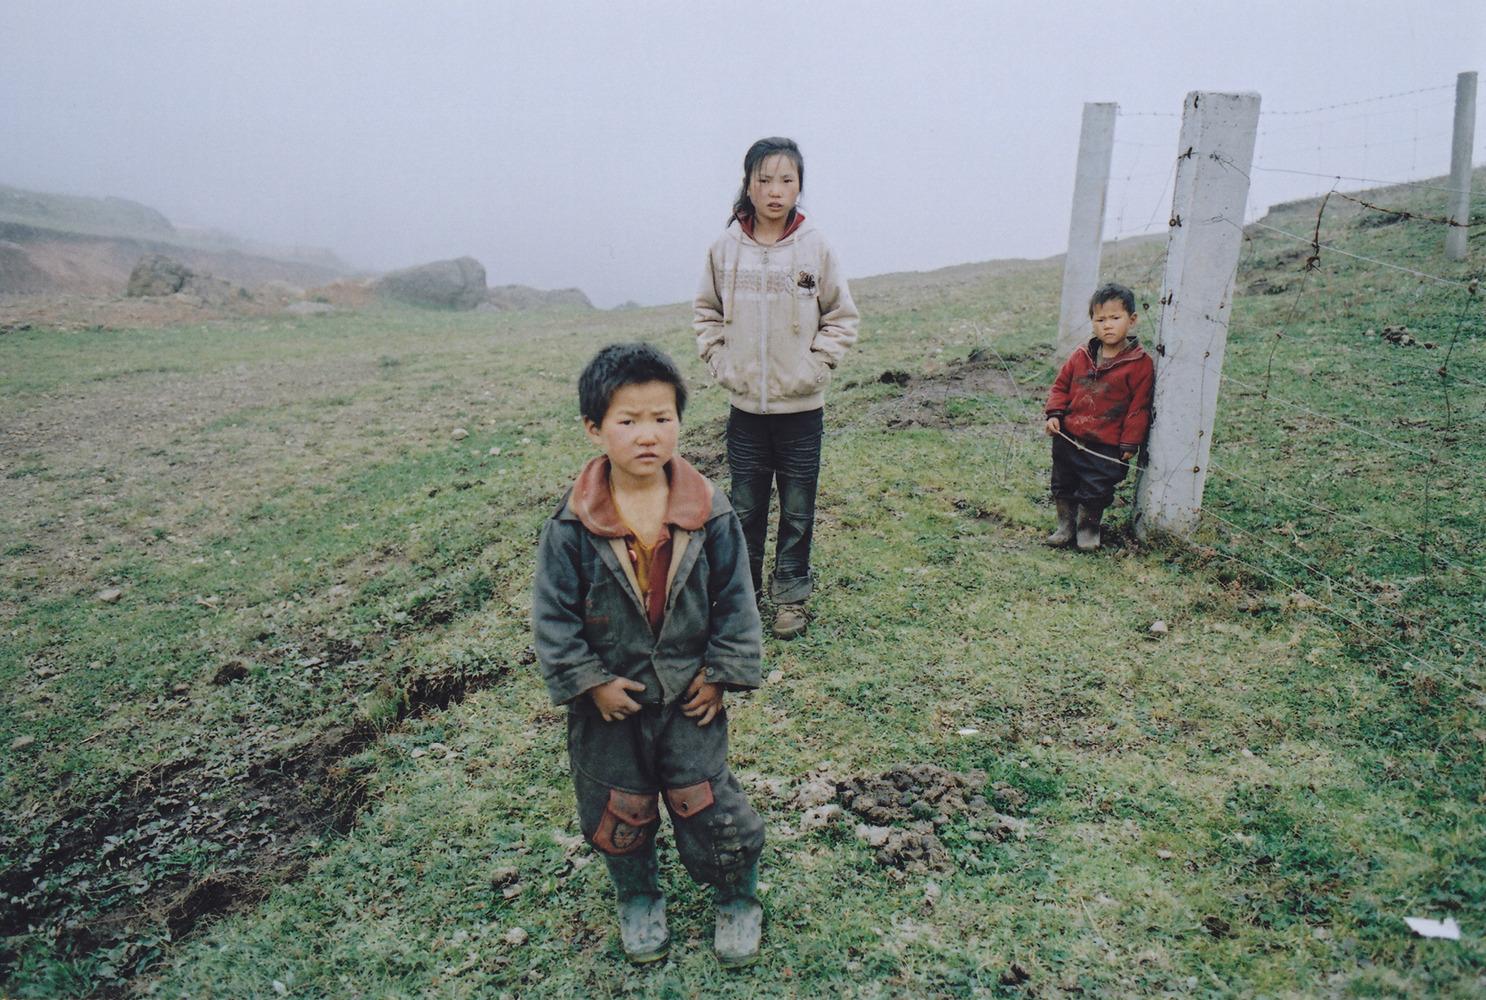 Les Trois Soeurs du Yunnam de Wang Bing